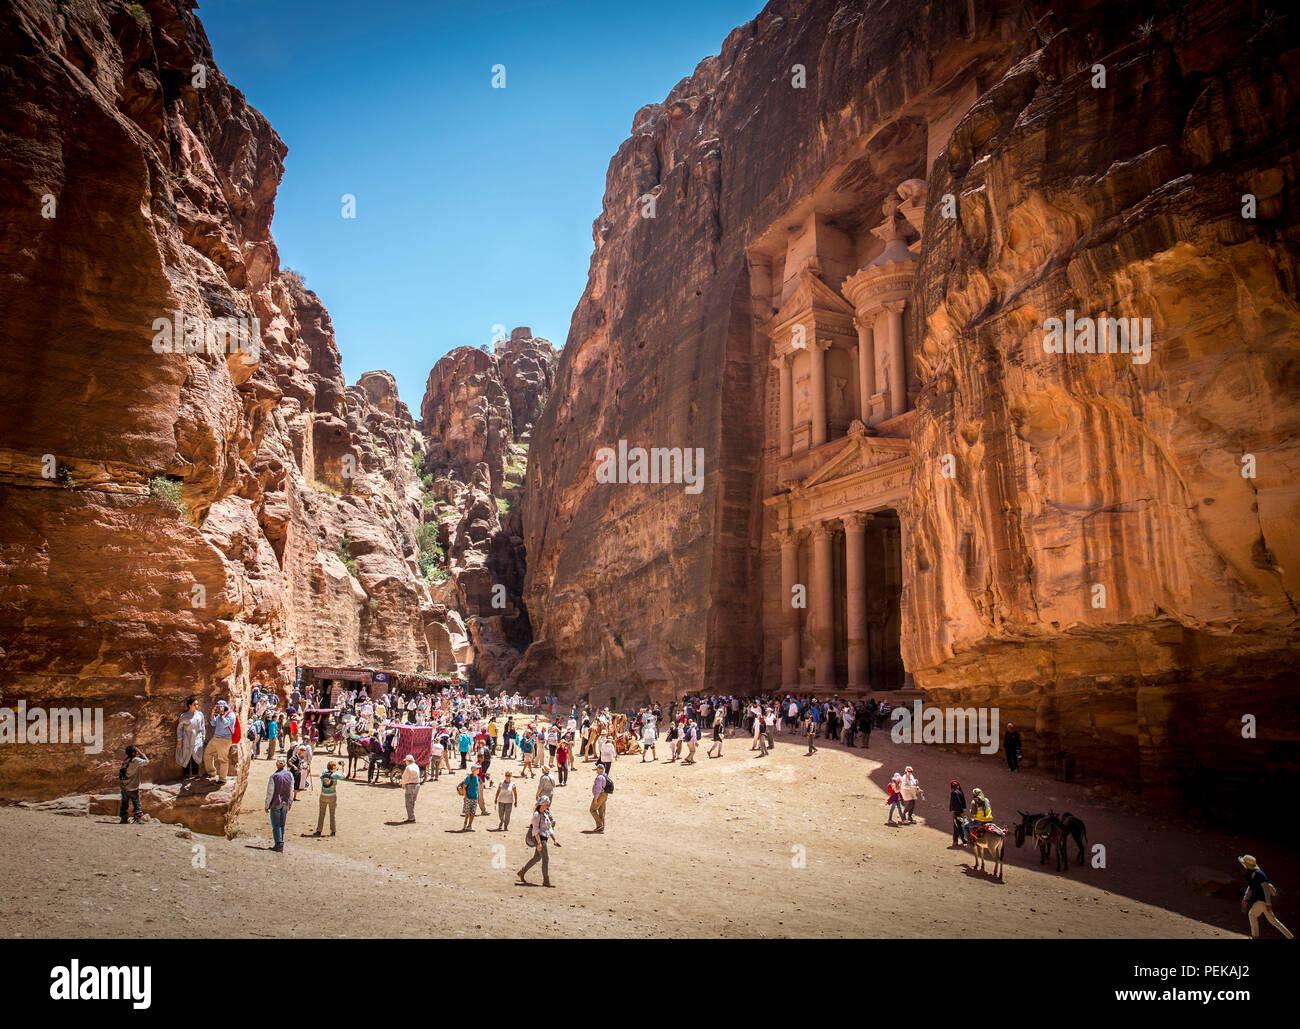 Die Schatzkammer Gebäude finden Sie in der verlorenen Stadt Petra, Jordanien Stockbild